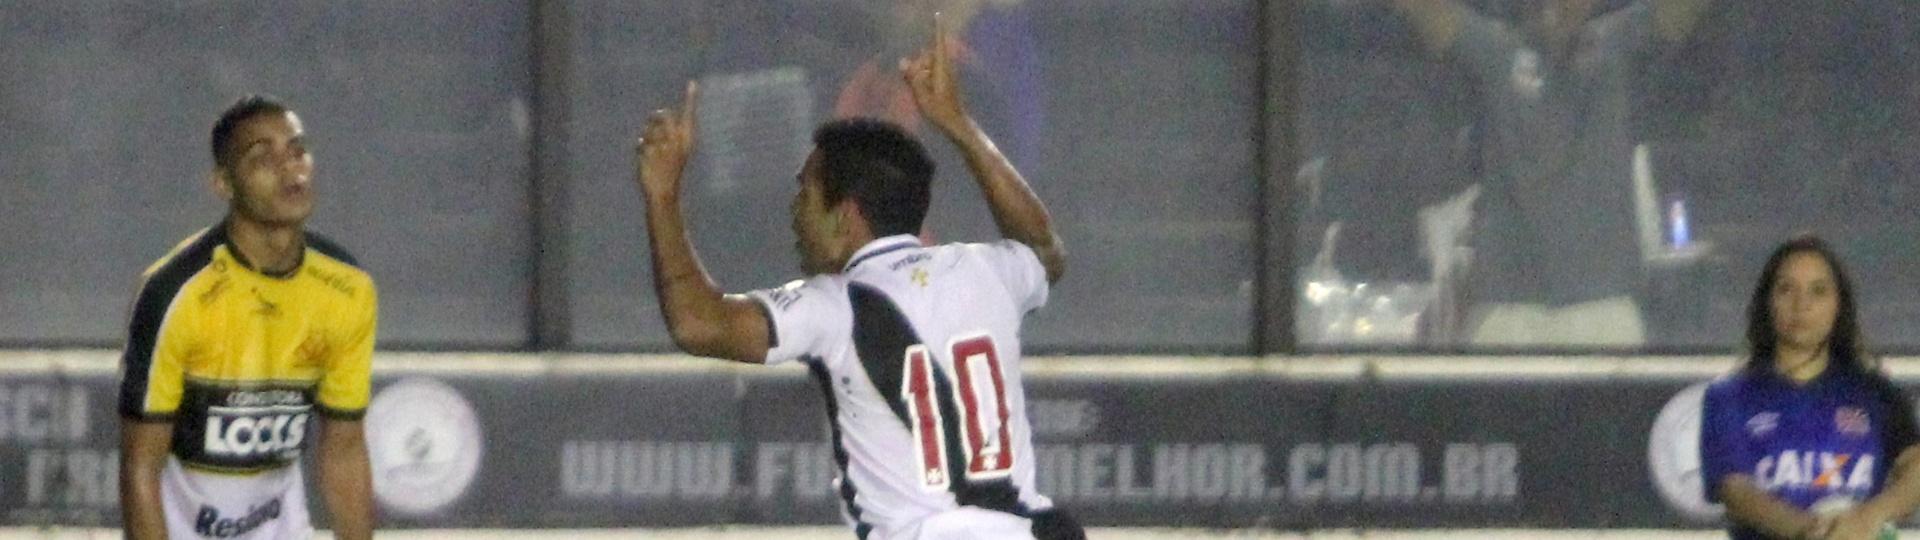 Éderson comemora gol para o Vasco em jogo diante do Criciúma